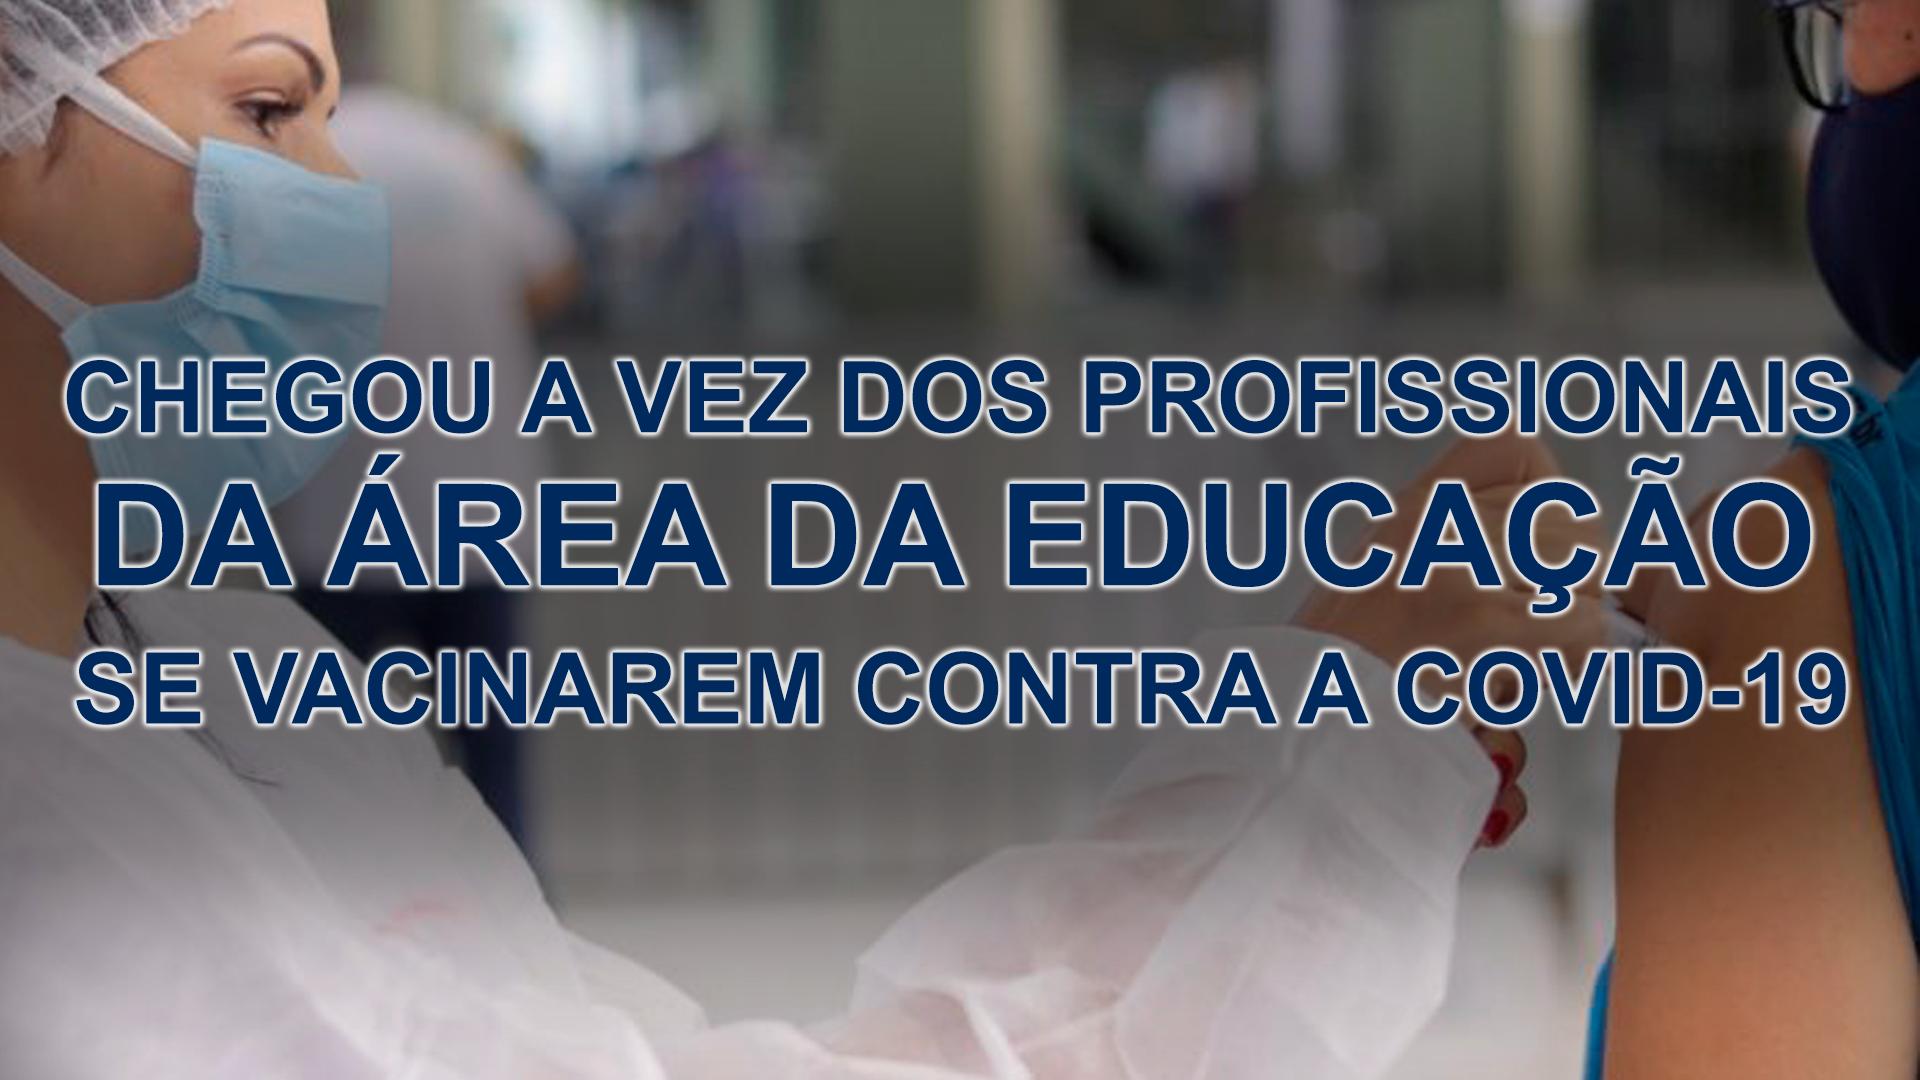 CADASTRO RESERVA PARA VACINA CONTRA A COVID-19 PARA O GRUPO DOS TRABALHADORES DA ÁREA DA EDUCAÇÃO DO ENSINO BÁSICO E SUPERIOR EM LUZIÂNIA.